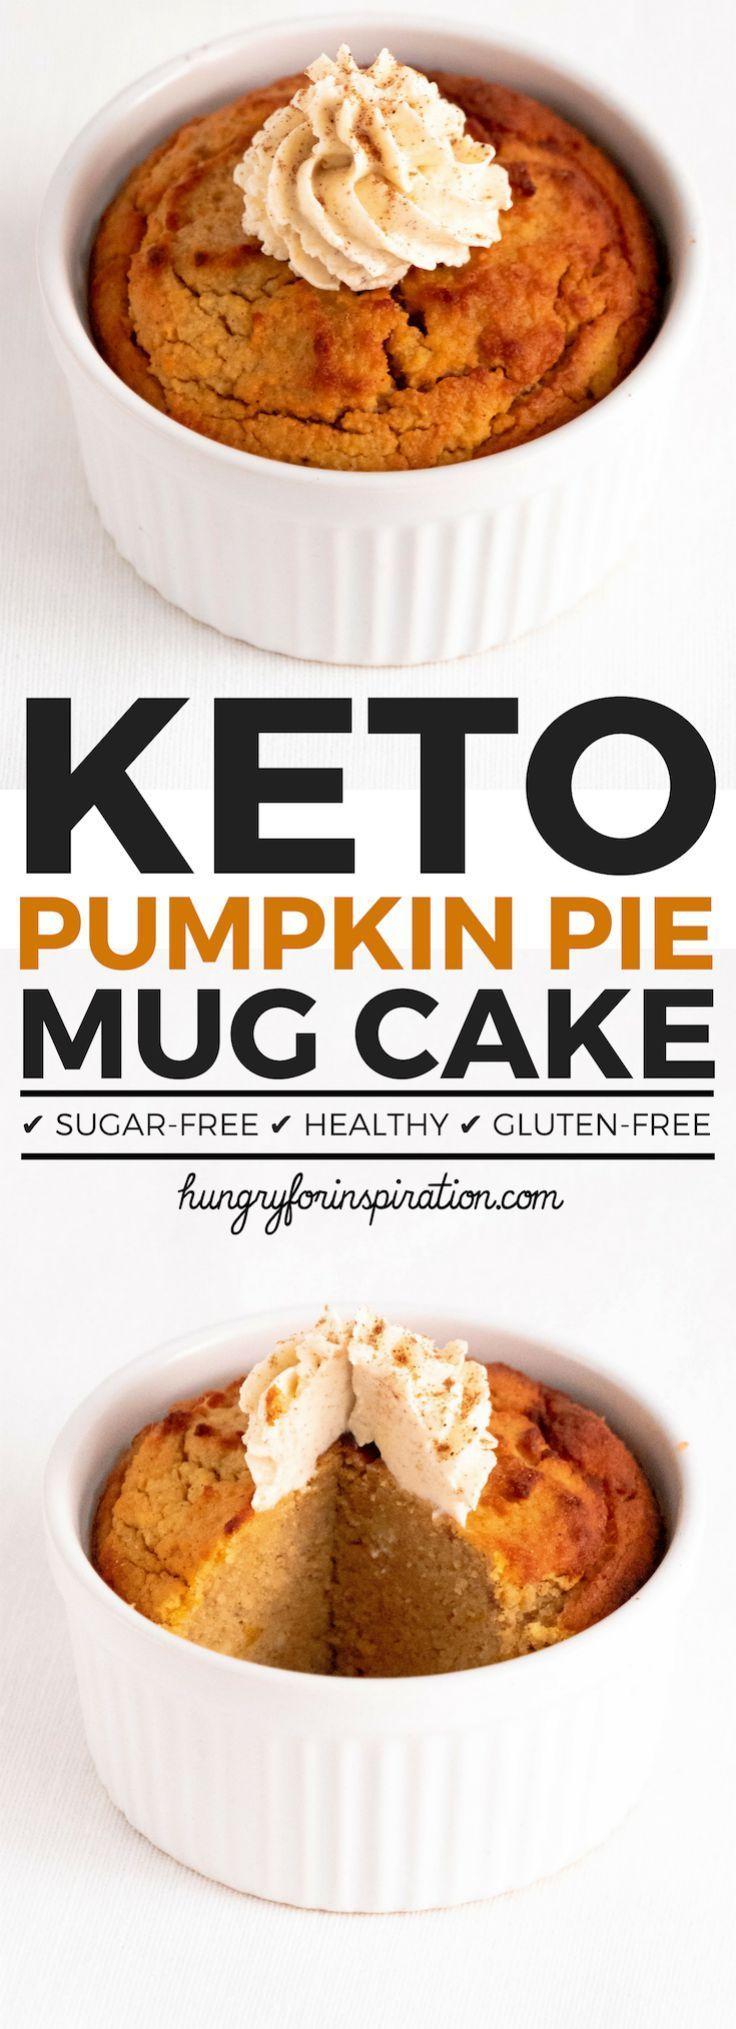 Kannst du glauben, dass dieser Pumpkin Pie Keto Mug Cake tatsächlich kohlenhydratarm ist? Ich konnte nicht eit ... - #Cake #dass #dieser #du #eit #glauben #Ich #ist #kannst #Keto #kohlenhydratarm #konnte #Mug #nicht #Pie #pumpkin #tatsachlich #mugcake